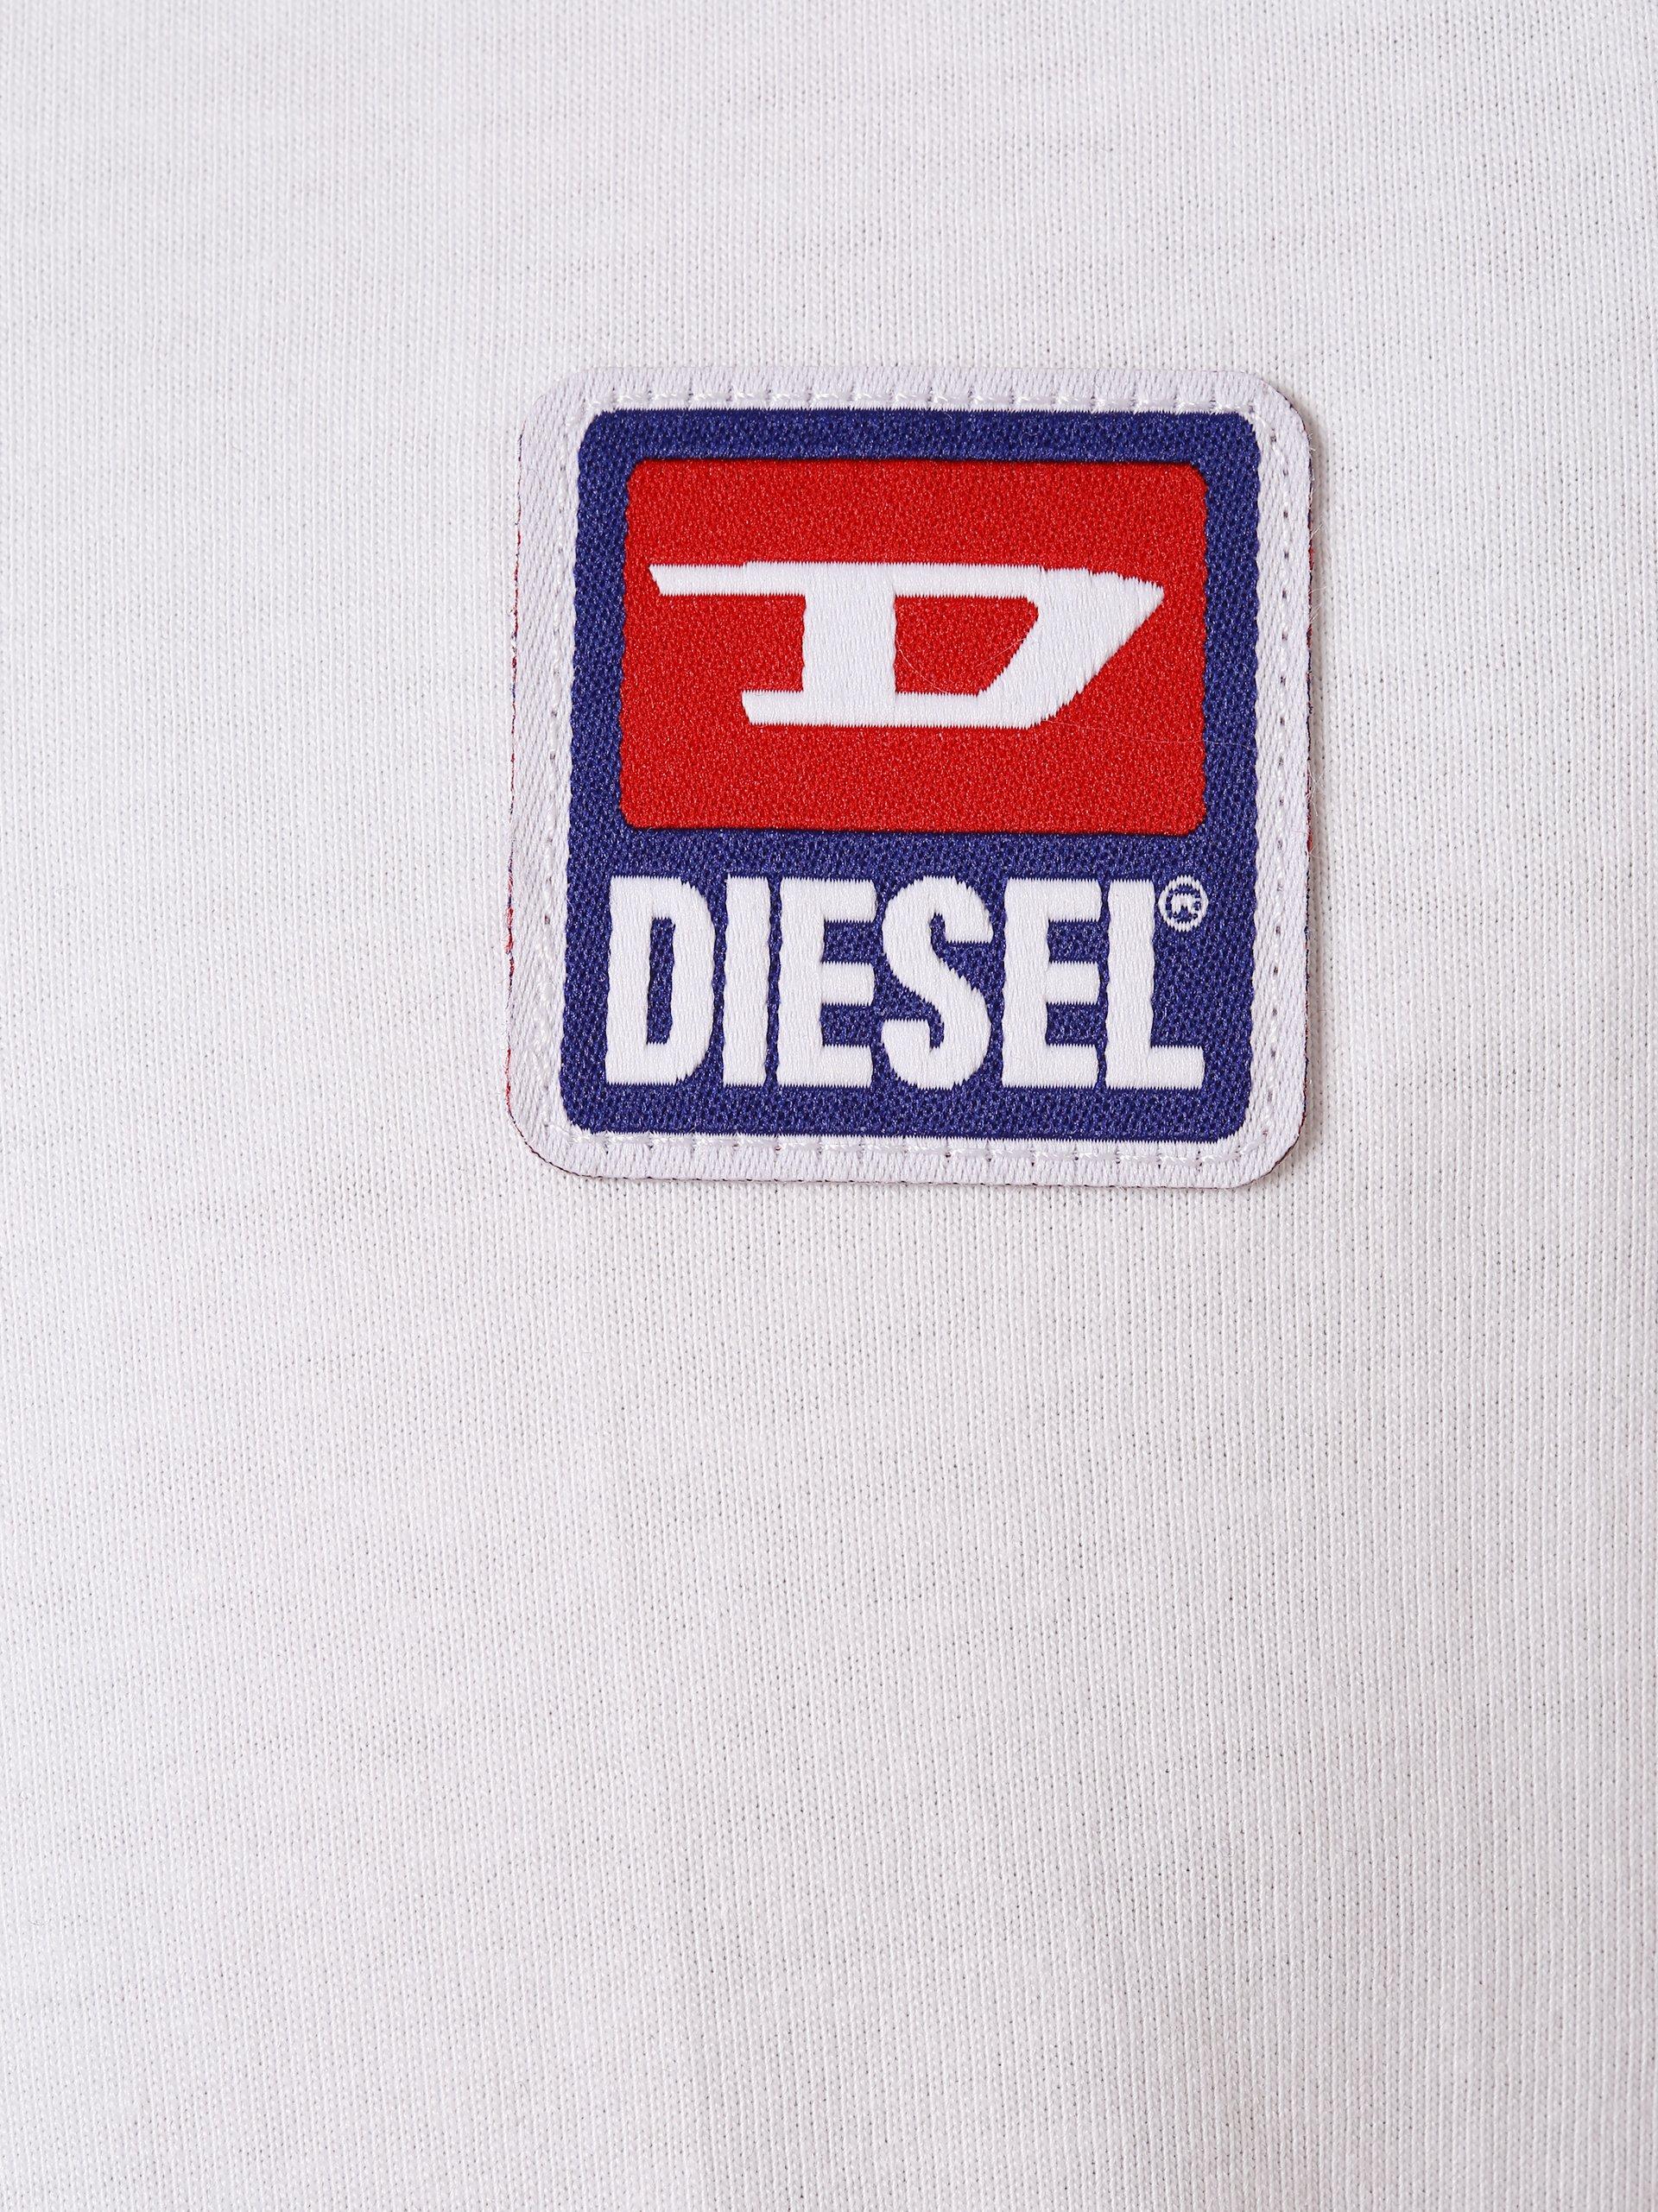 Diesel Herren Langarmshirt